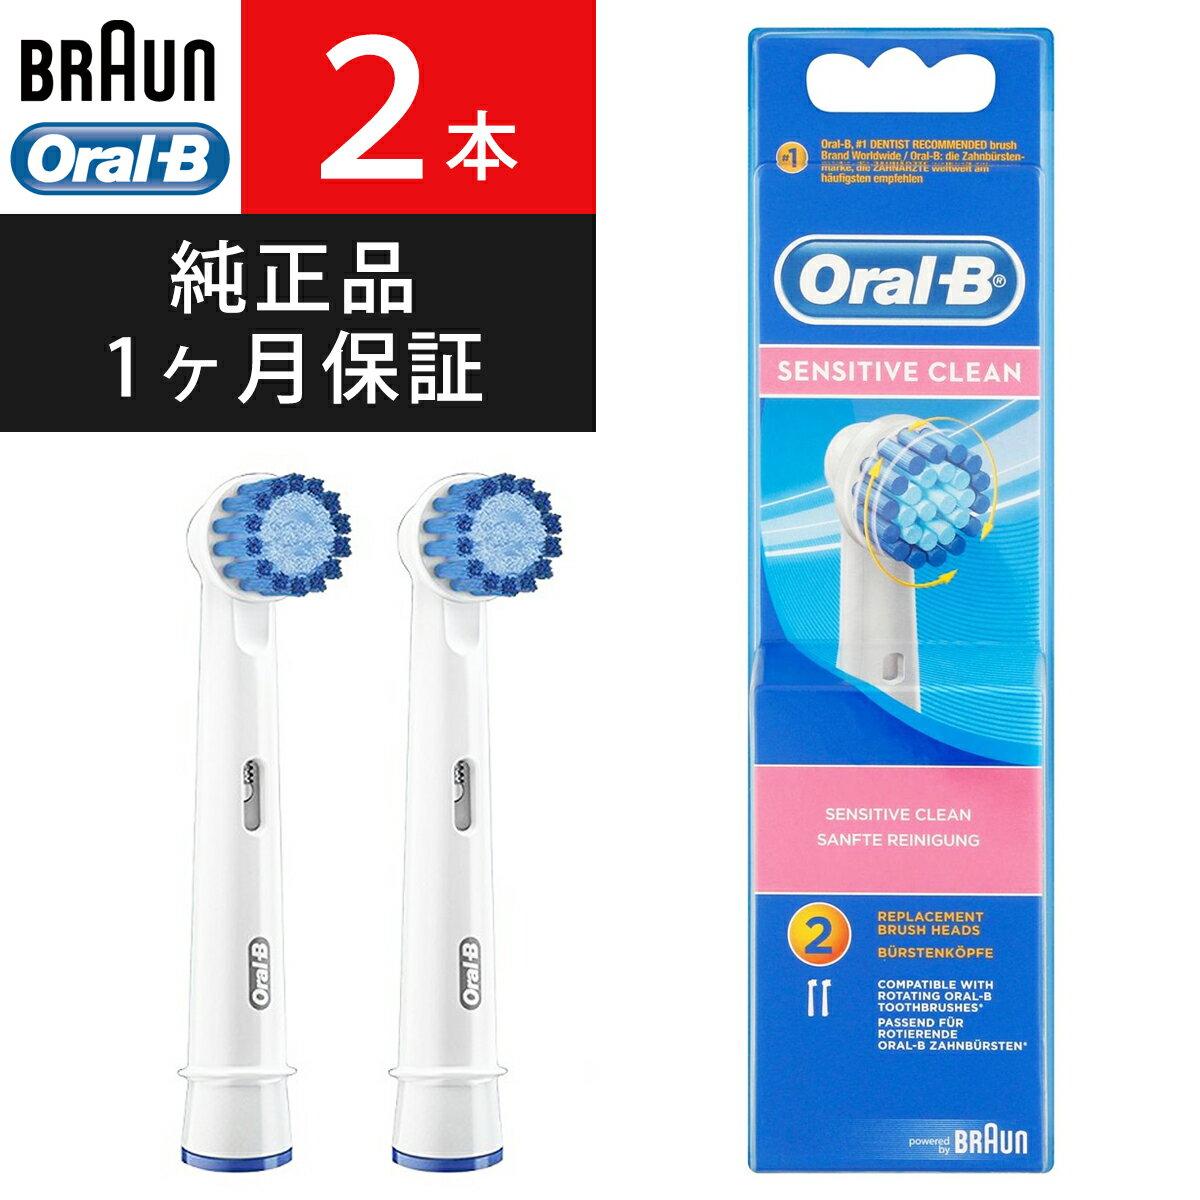 ブラウン オーラルB 替えブラシ 正規品 Braun Oral-B 電動歯ブラシ 替ブラシ 交換 オーラルケア ベーシックブラシ やわらかめ 2本入 EBS17 純正品 海外正規品 送料無料 ポイント消化